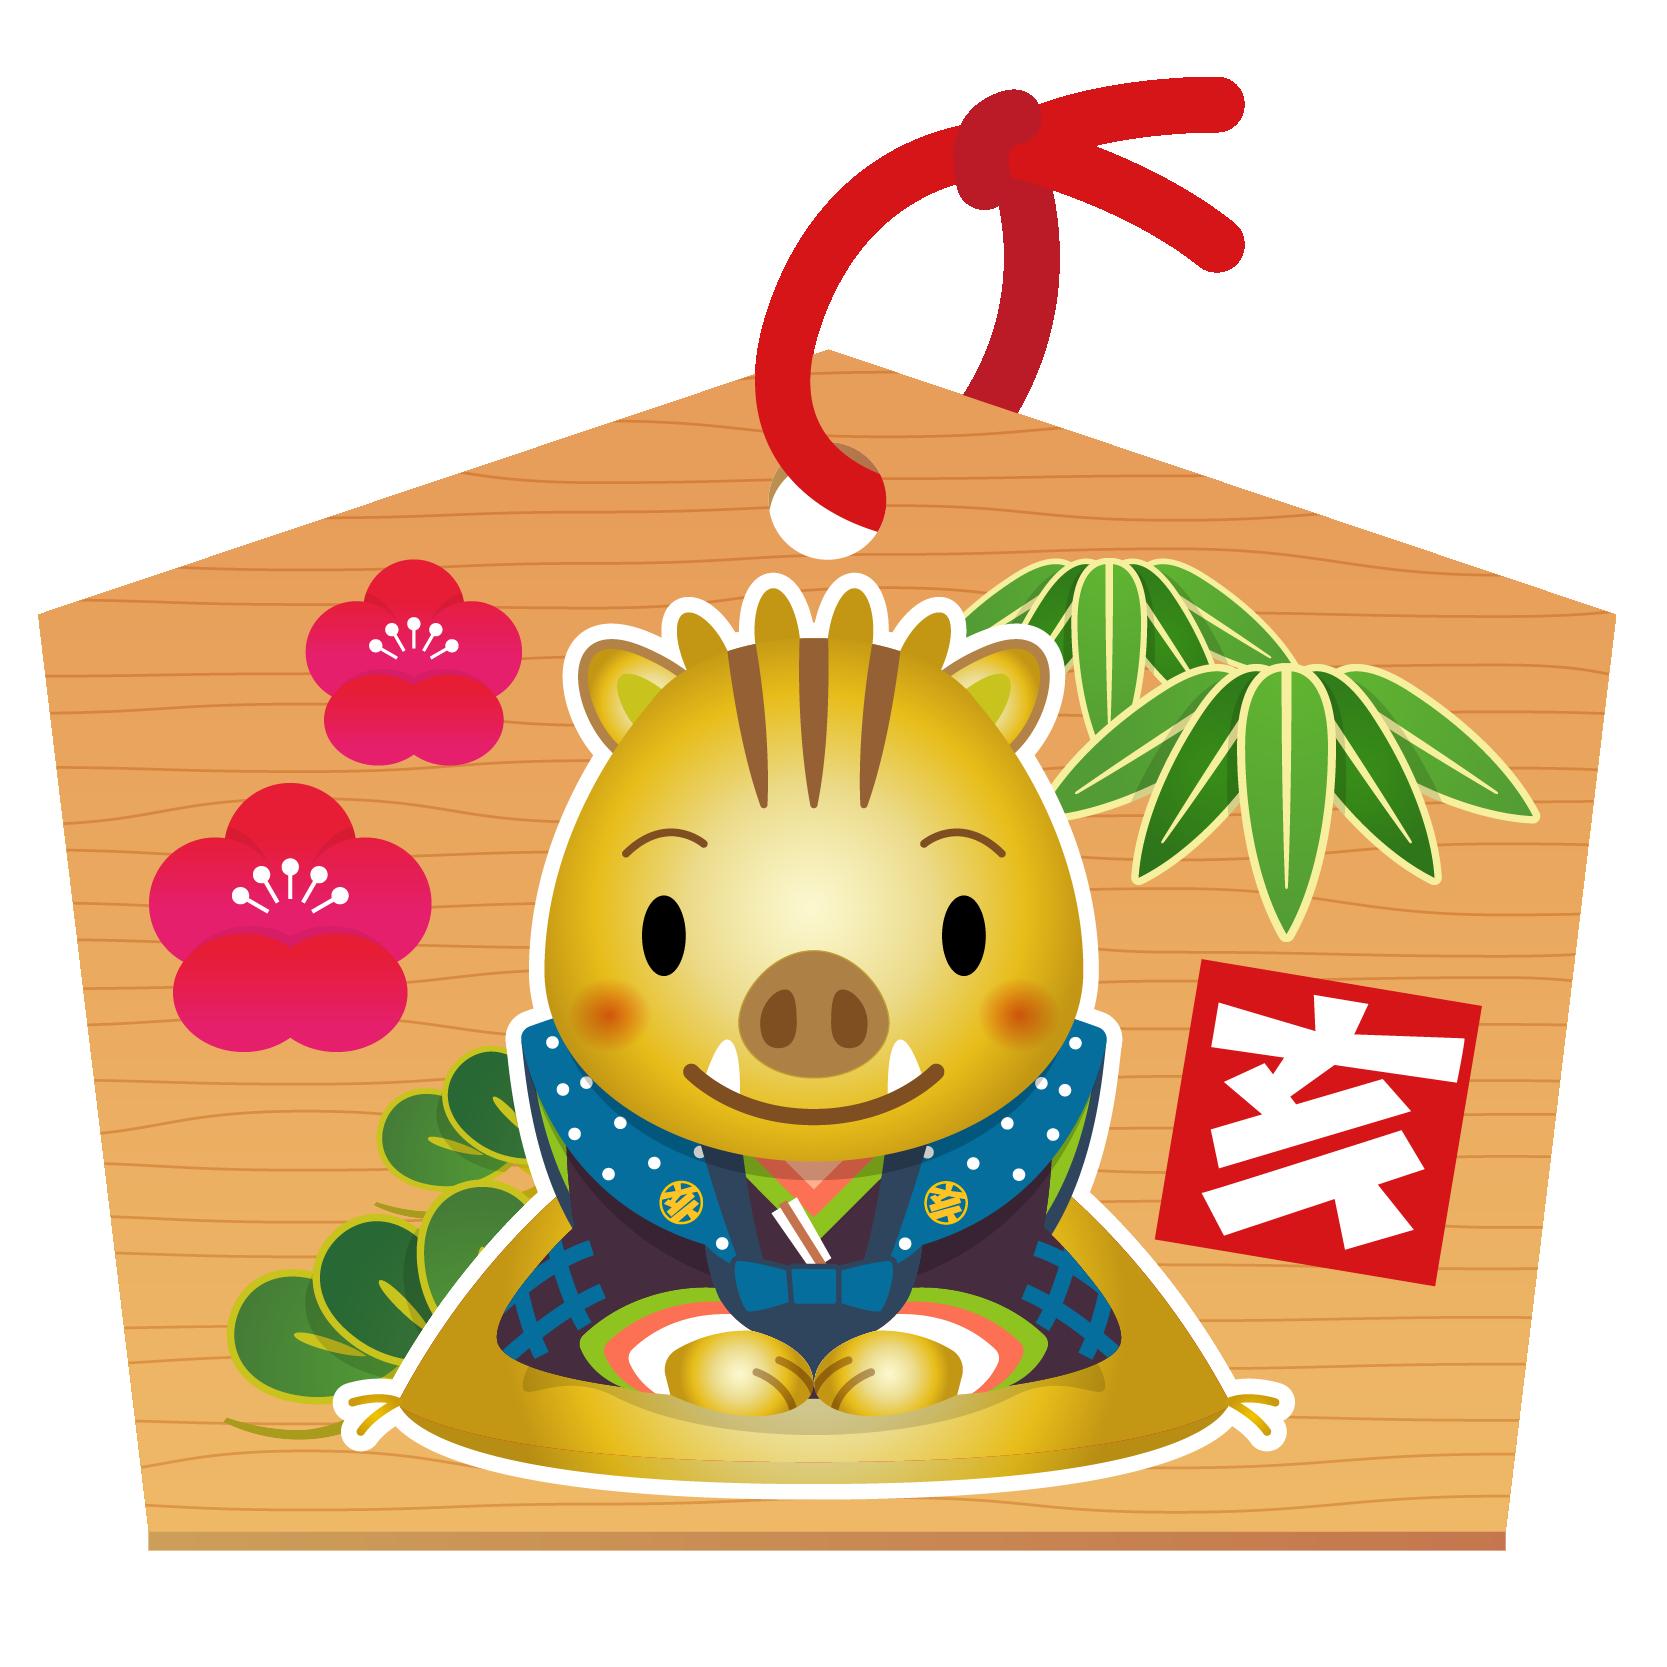 商用フリー・無料イラスト_金干支_干支いのしし(イノシシ・猪・うりぼう・ウリ坊)福助_絵馬